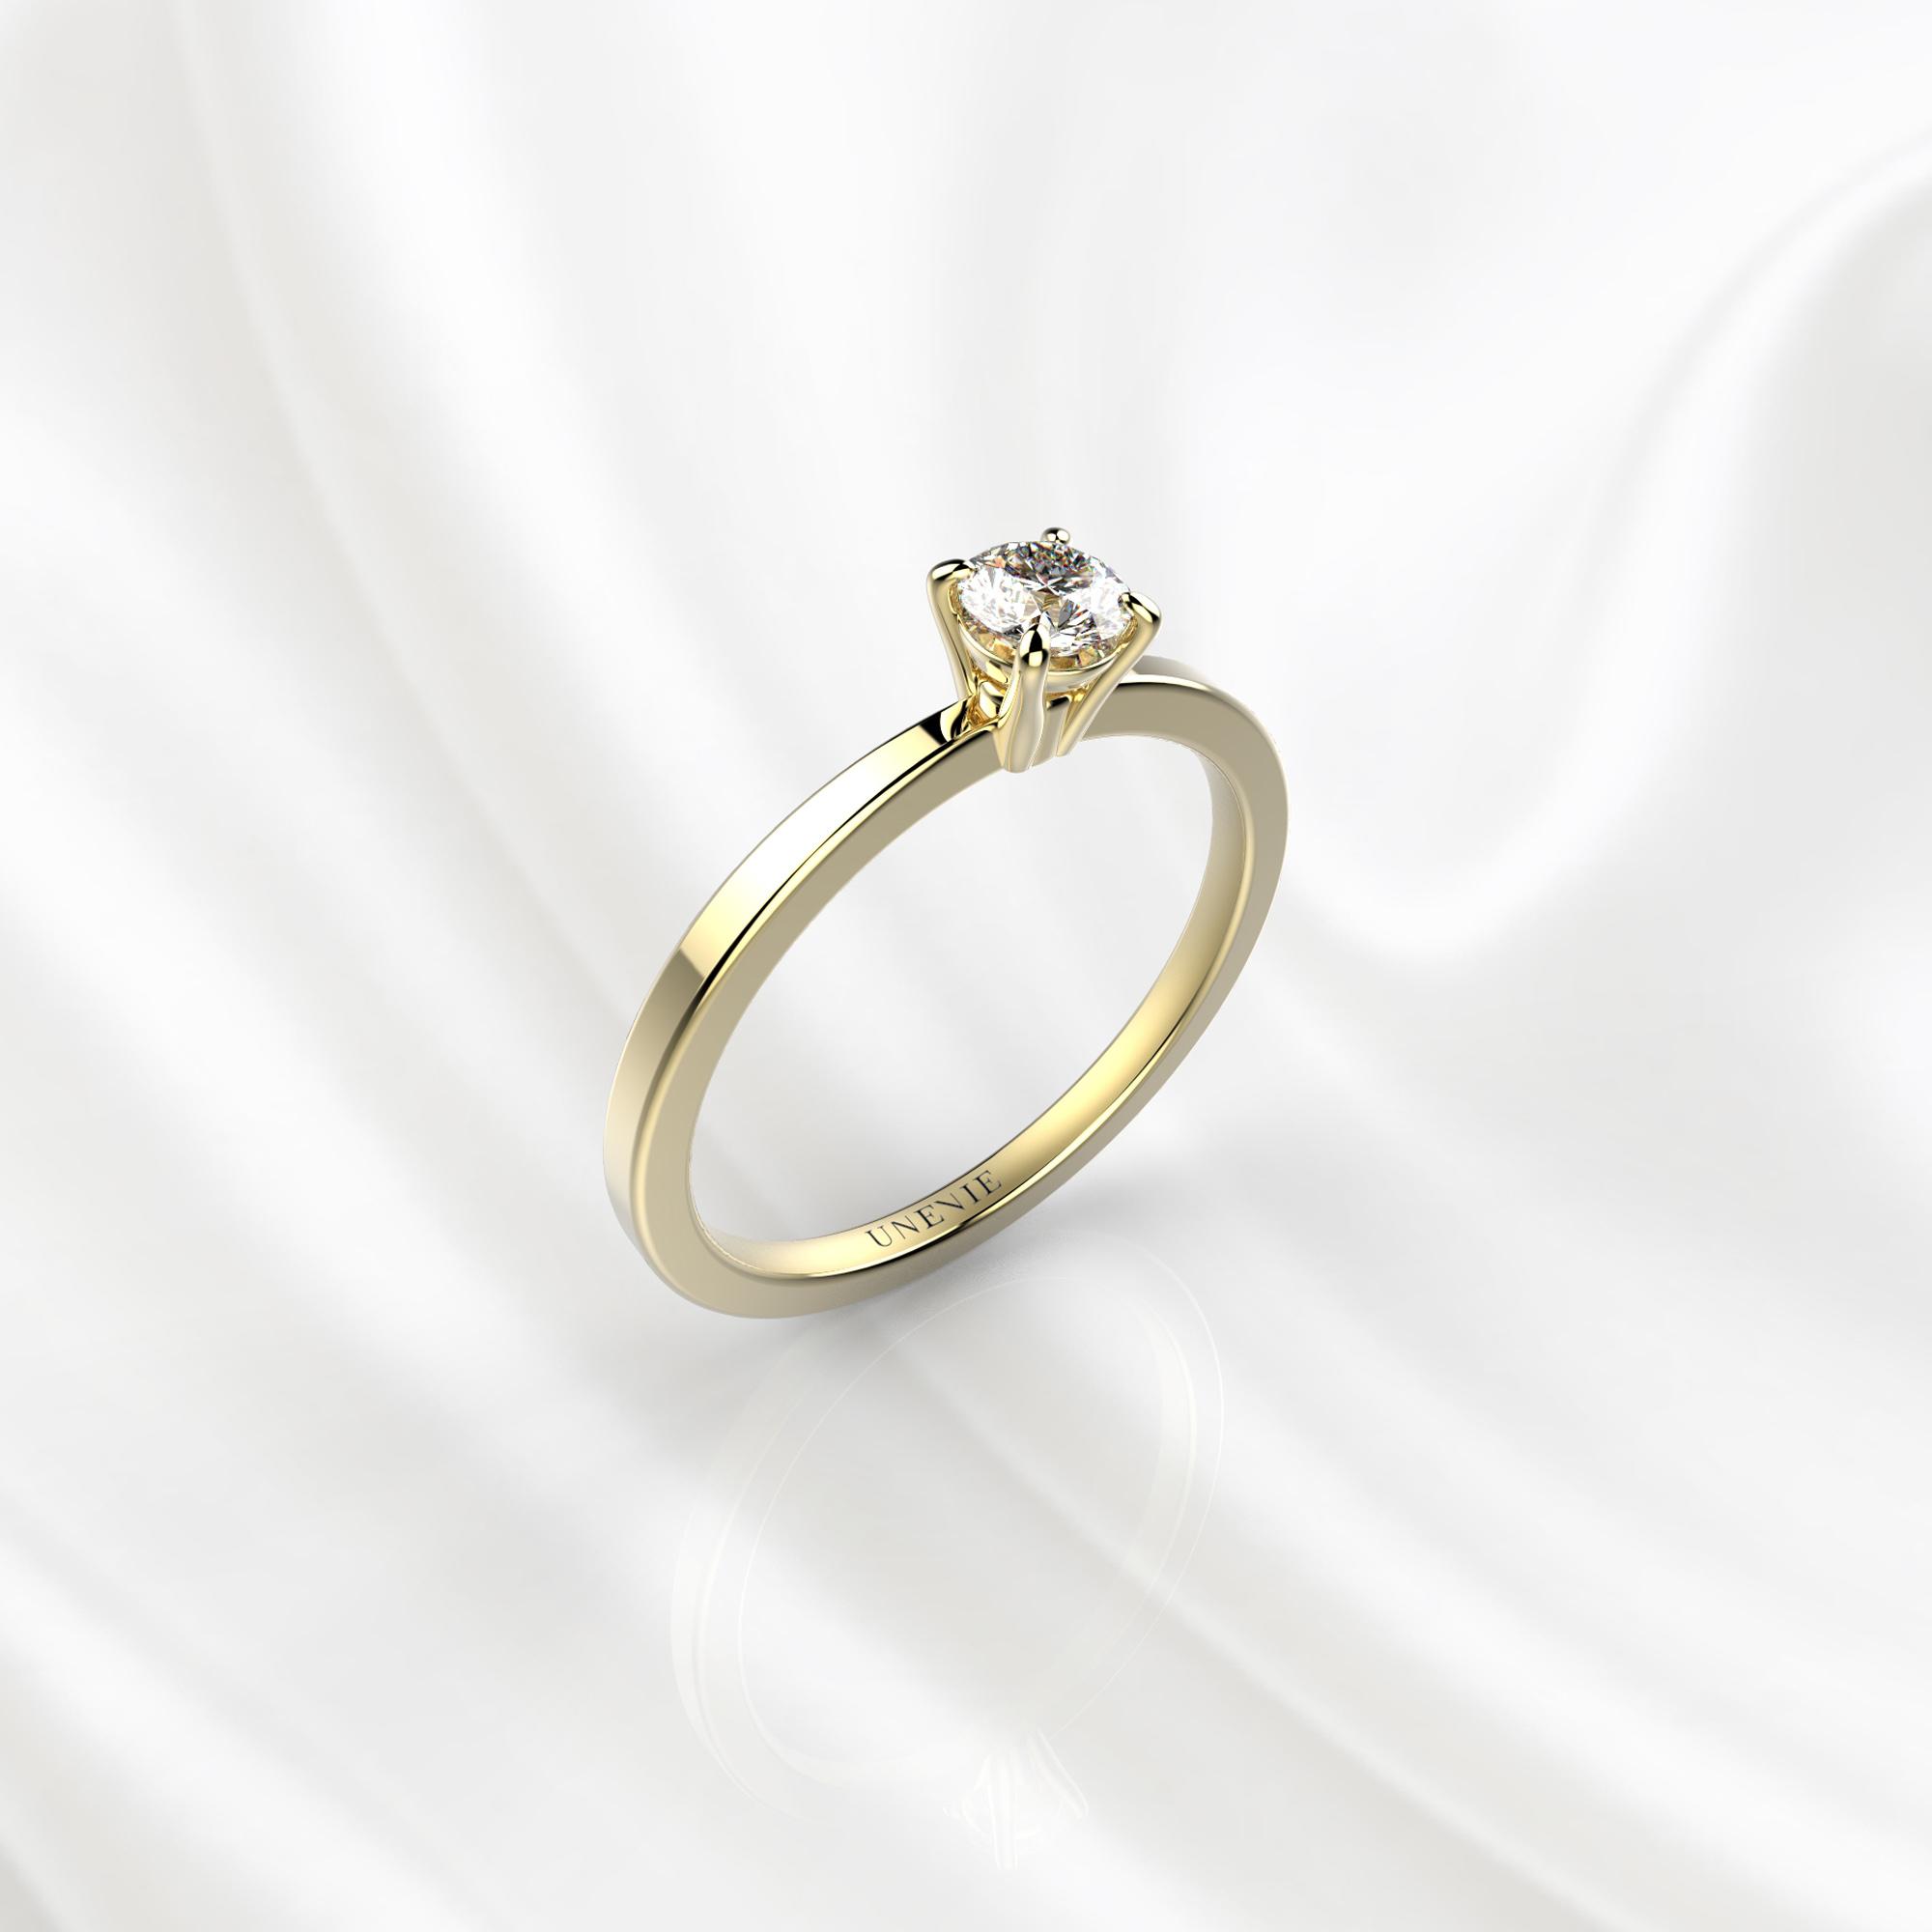 N22 Помолвочное кольцо из желтого золота с бриллиантом 0.16 карат